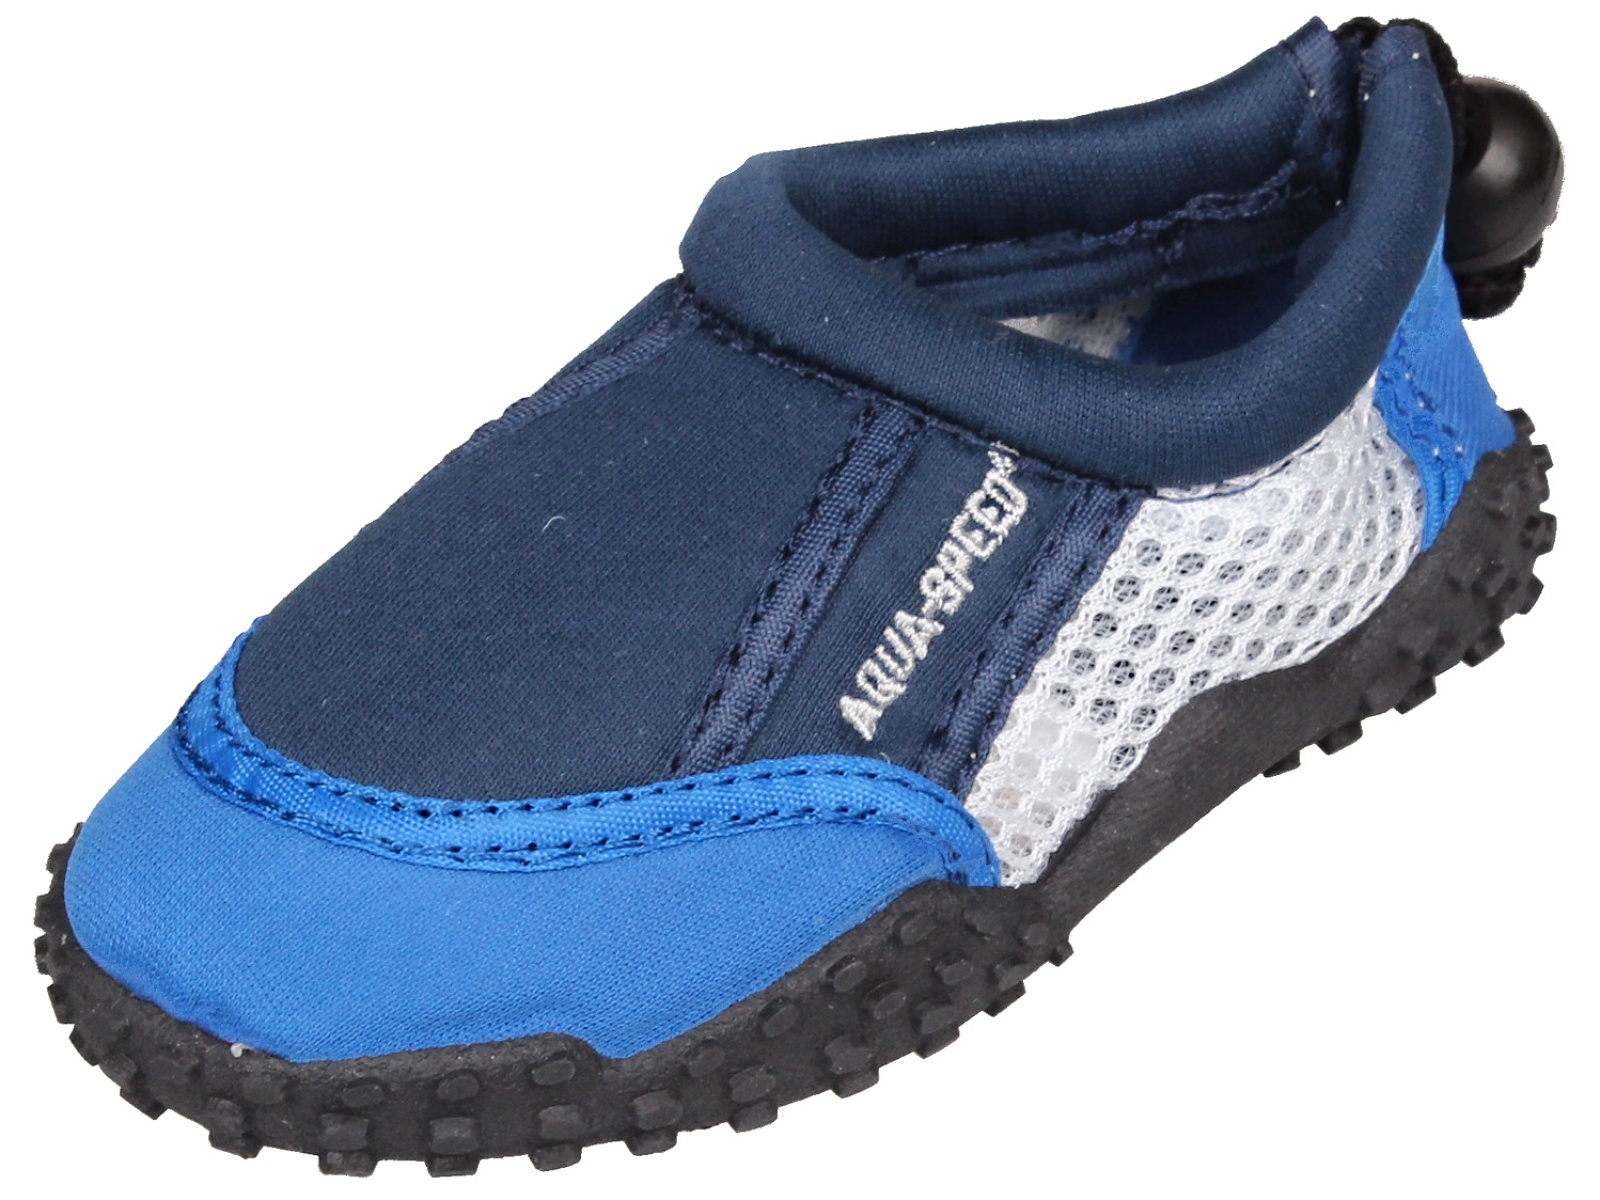 Boty do vody AQUA-SPEED 22A dětské modré - vel. 28